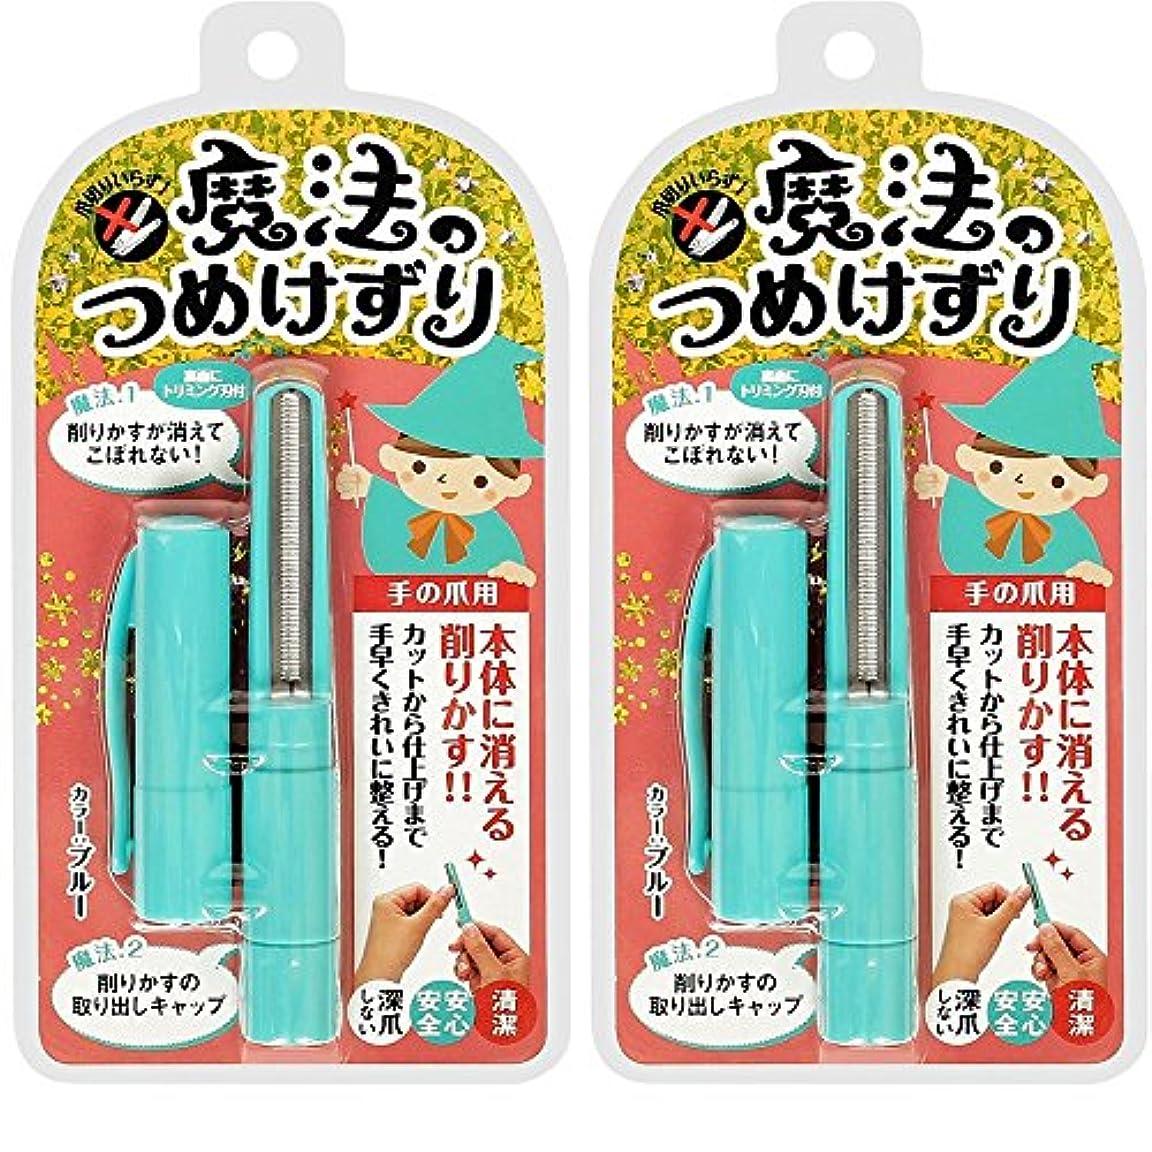 振る舞うデッドコンソール【セット品】松本金型 魔法のつめけずり MM-091 ブルー 2個